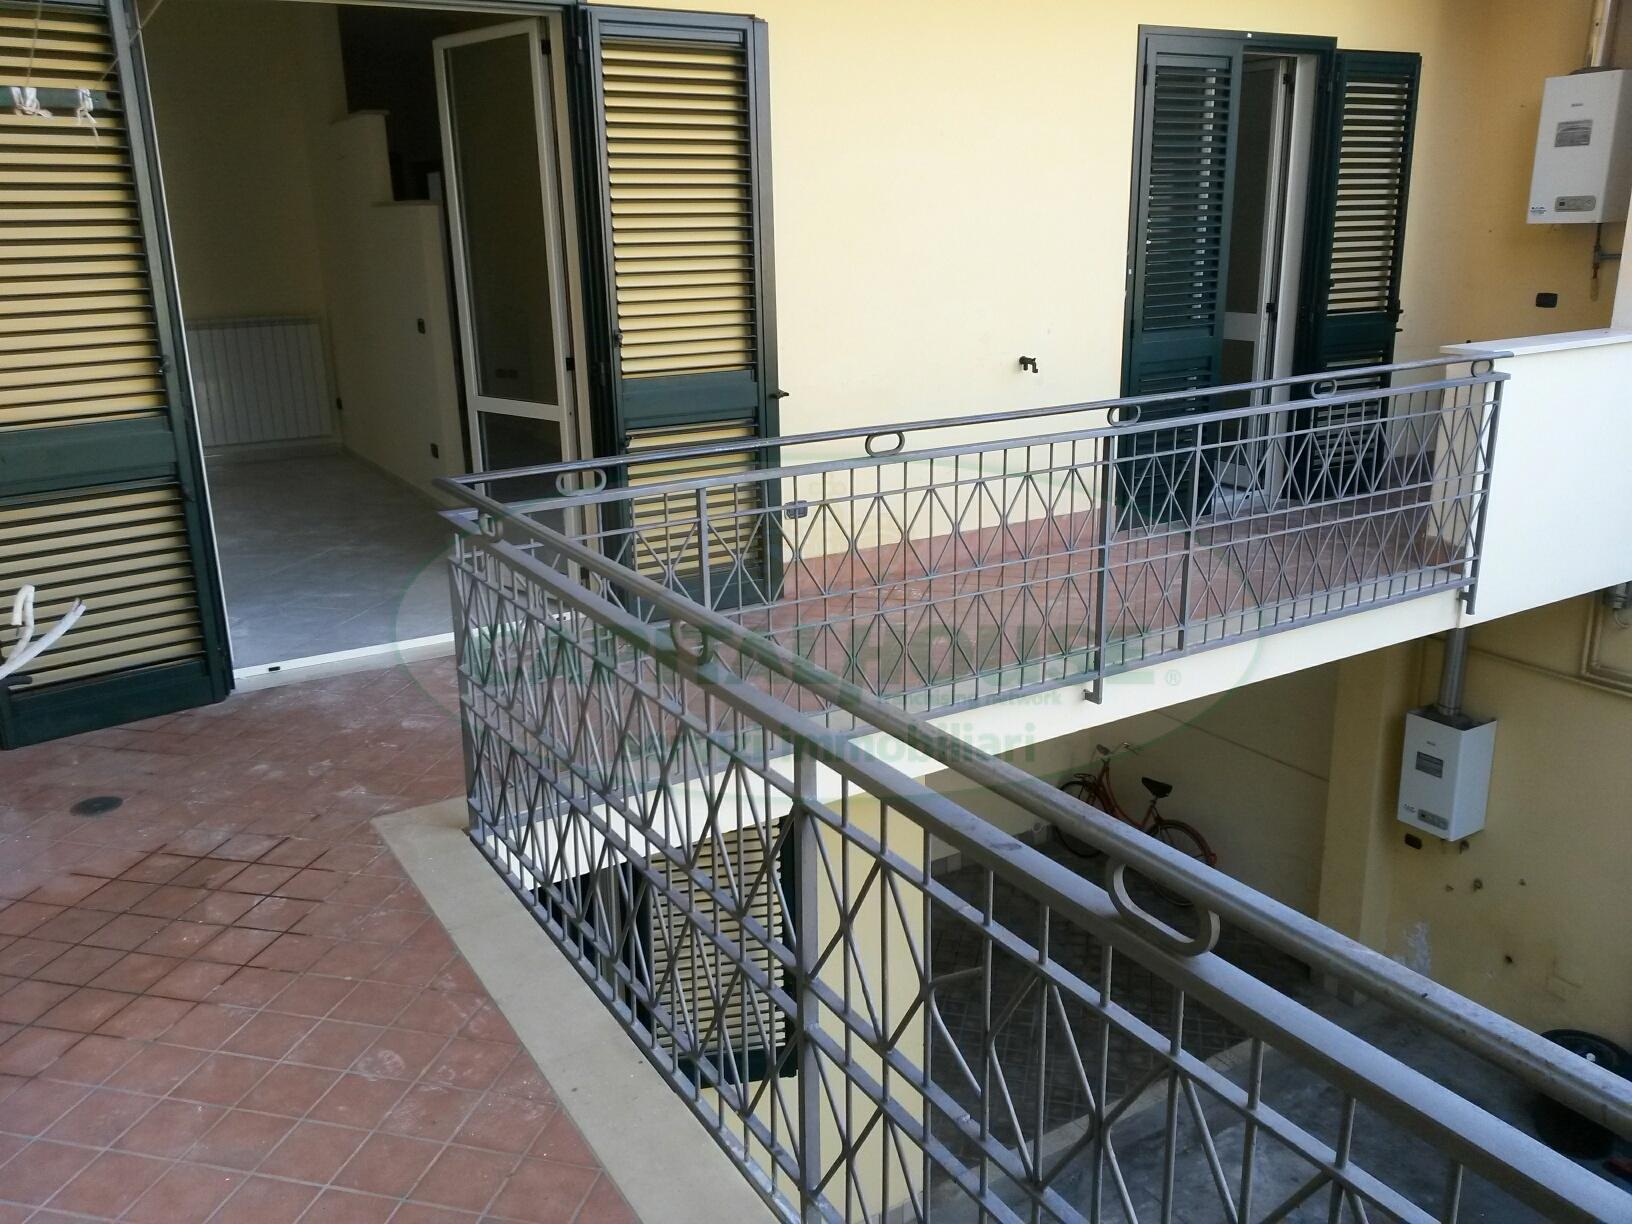 Appartamento in affitto a Macerata Campania, 4 locali, prezzo € 360 | Cambio Casa.it